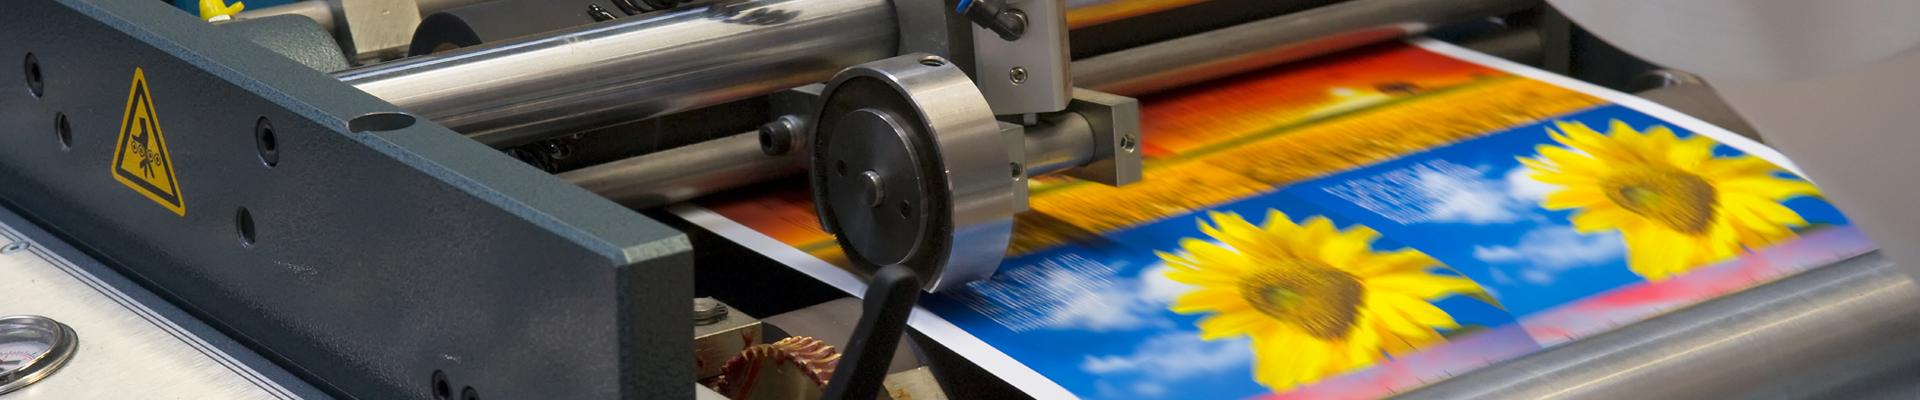 Graphics and printing